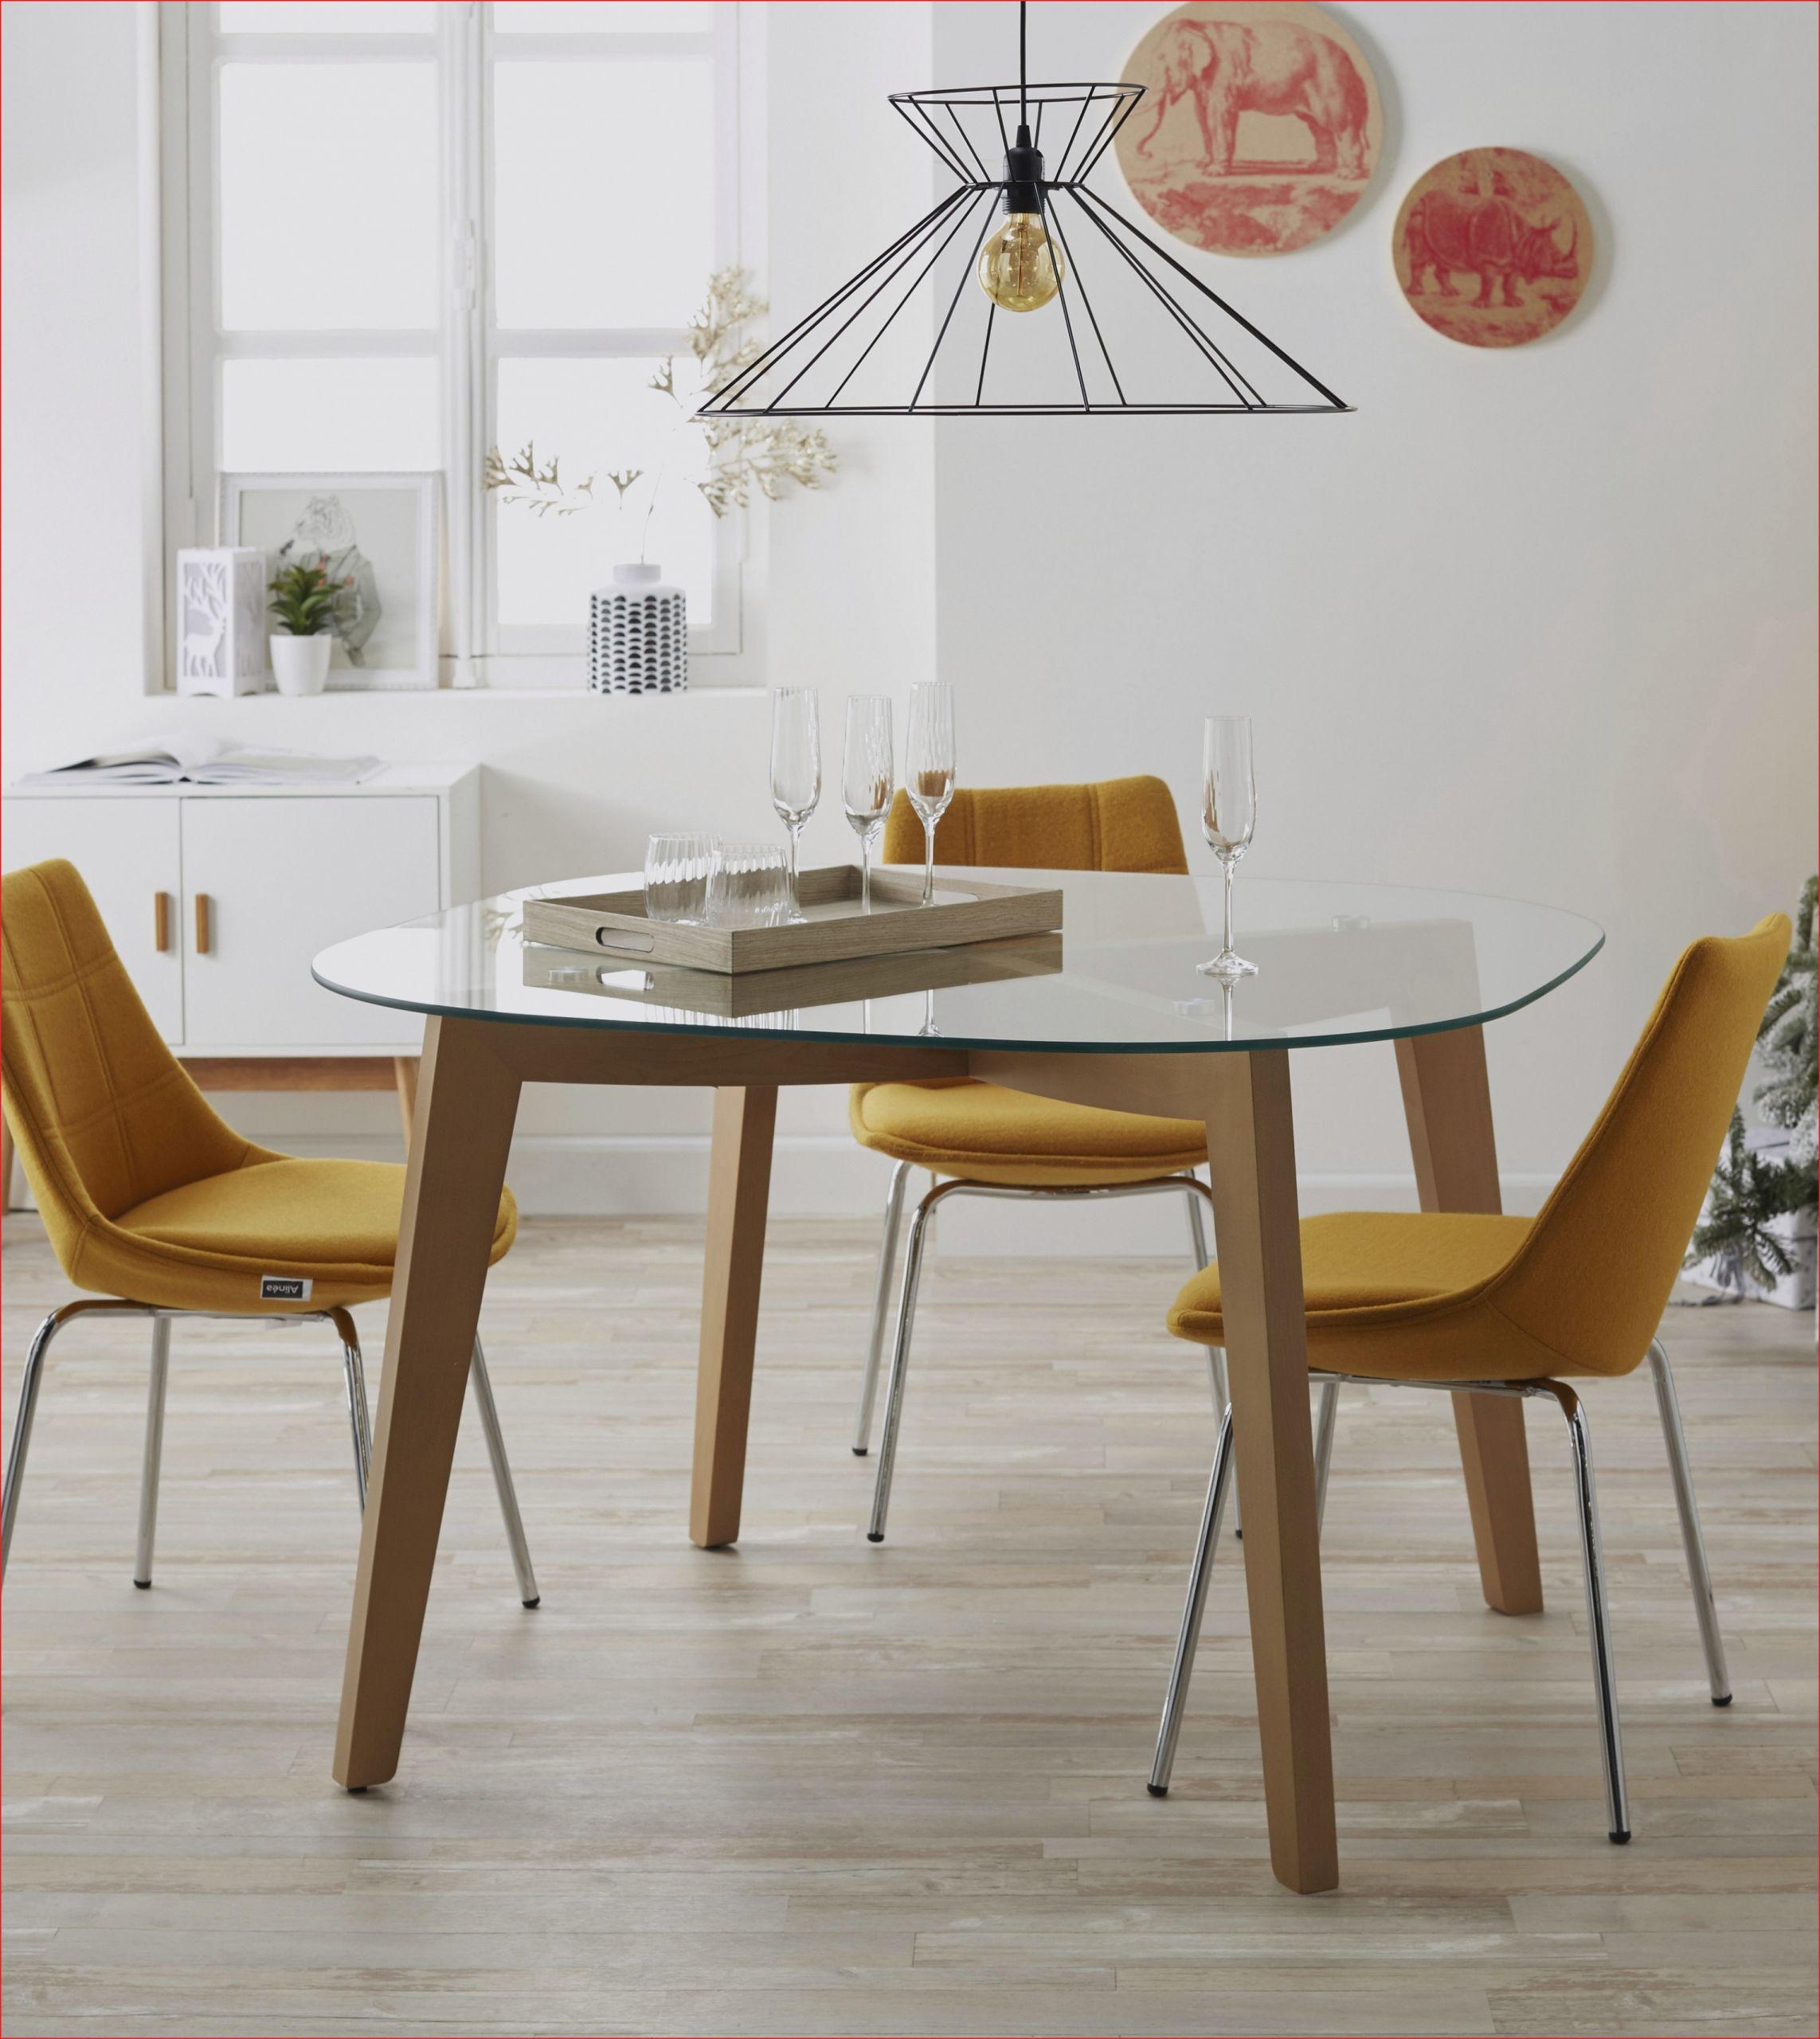 Table Et Chaise Cuisine Génial Génial Chaise Disign Galerie De Chaise Idée 2019 Of 38 Élégant Table Et Chaise Cuisine